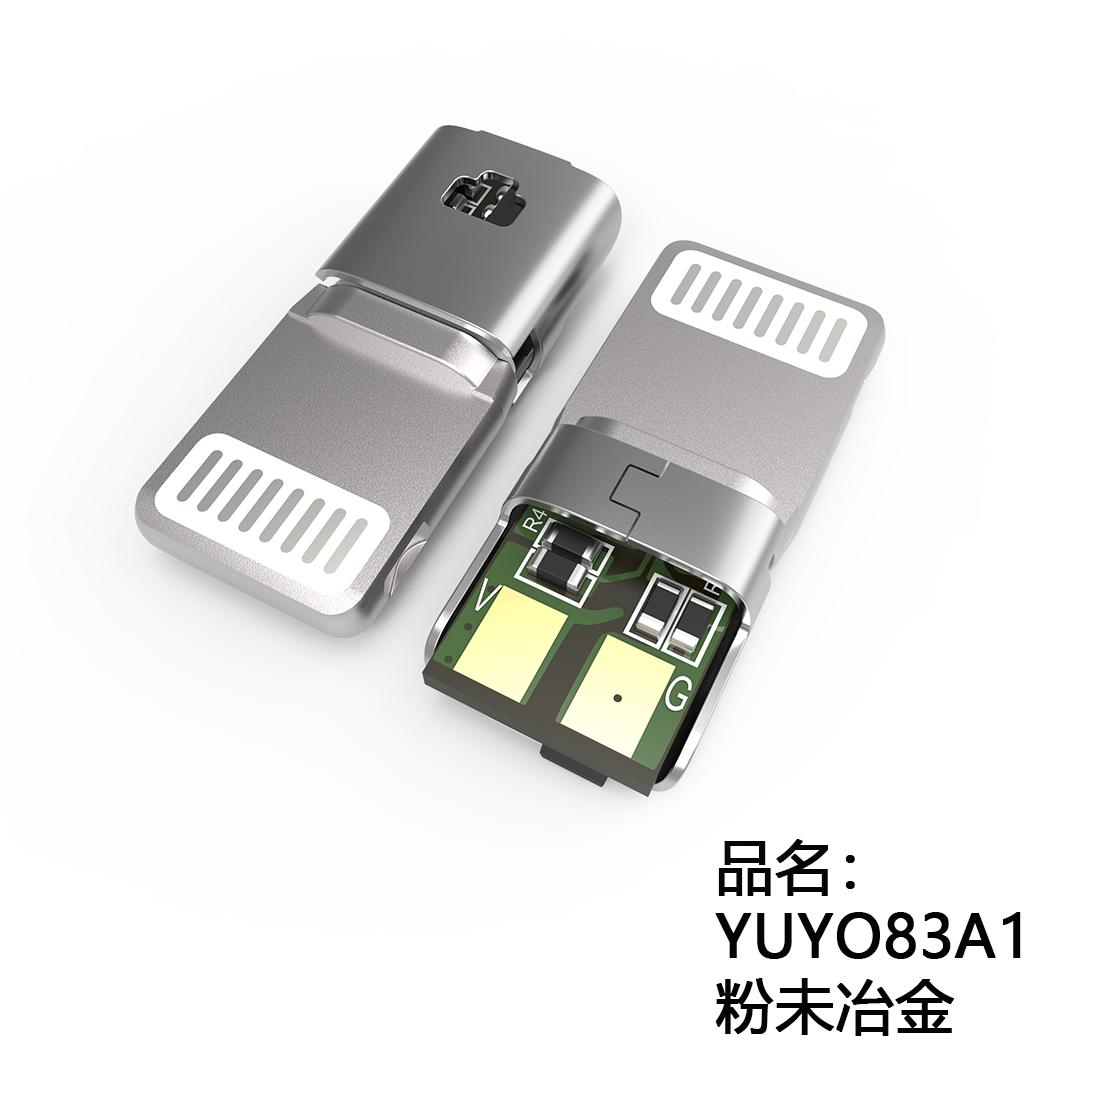 苹果8pin连接插头YUYO83A1 铁壳屏蔽罩